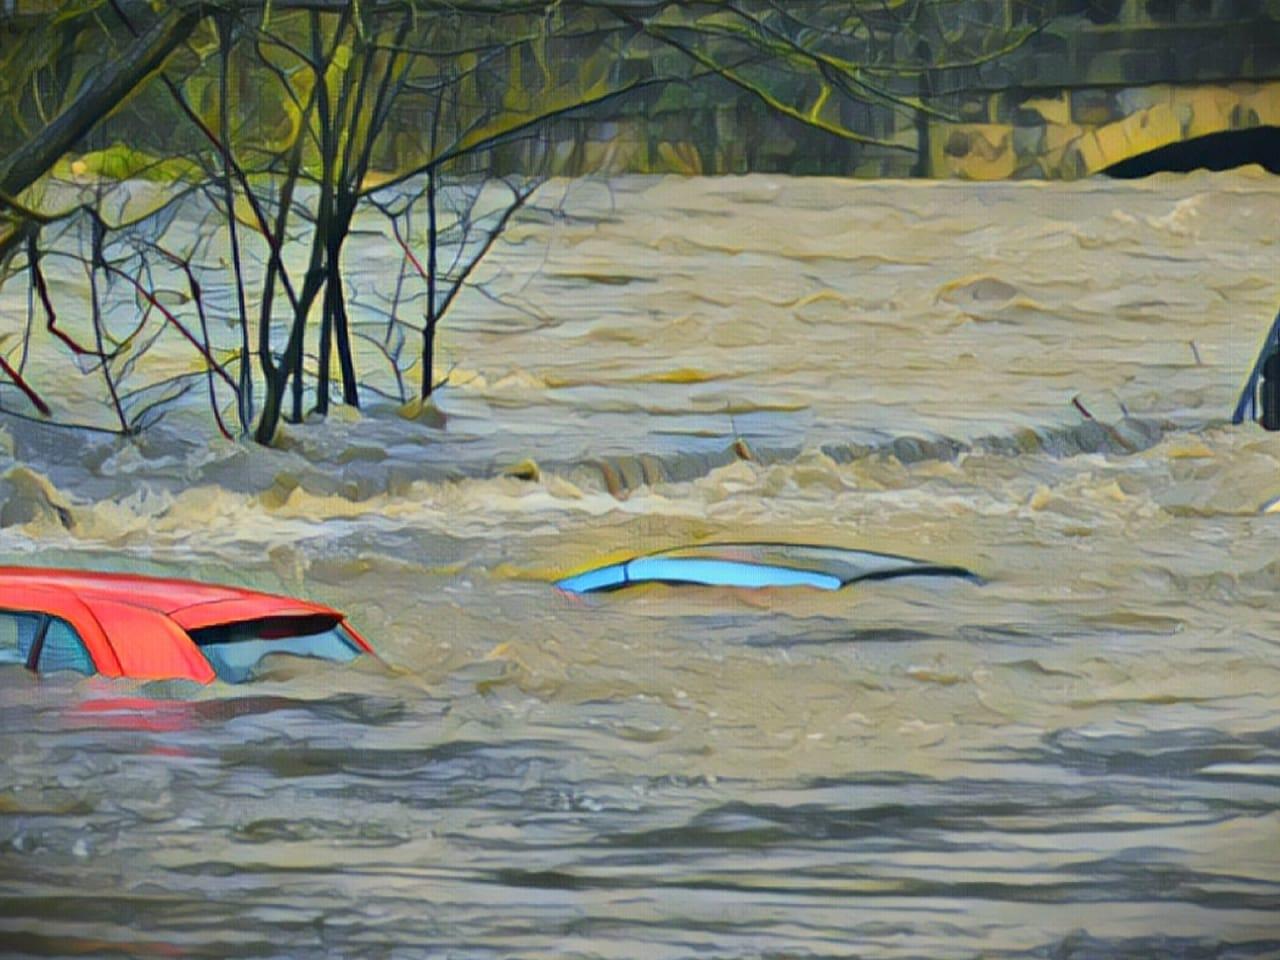 https: img.okezone.com content 2021 02 23 338 2366690 jerit-trauma-warga-bekasi-usai-diterjang-banjir-2-5-meter-Ac8hvhgJIL.jpg